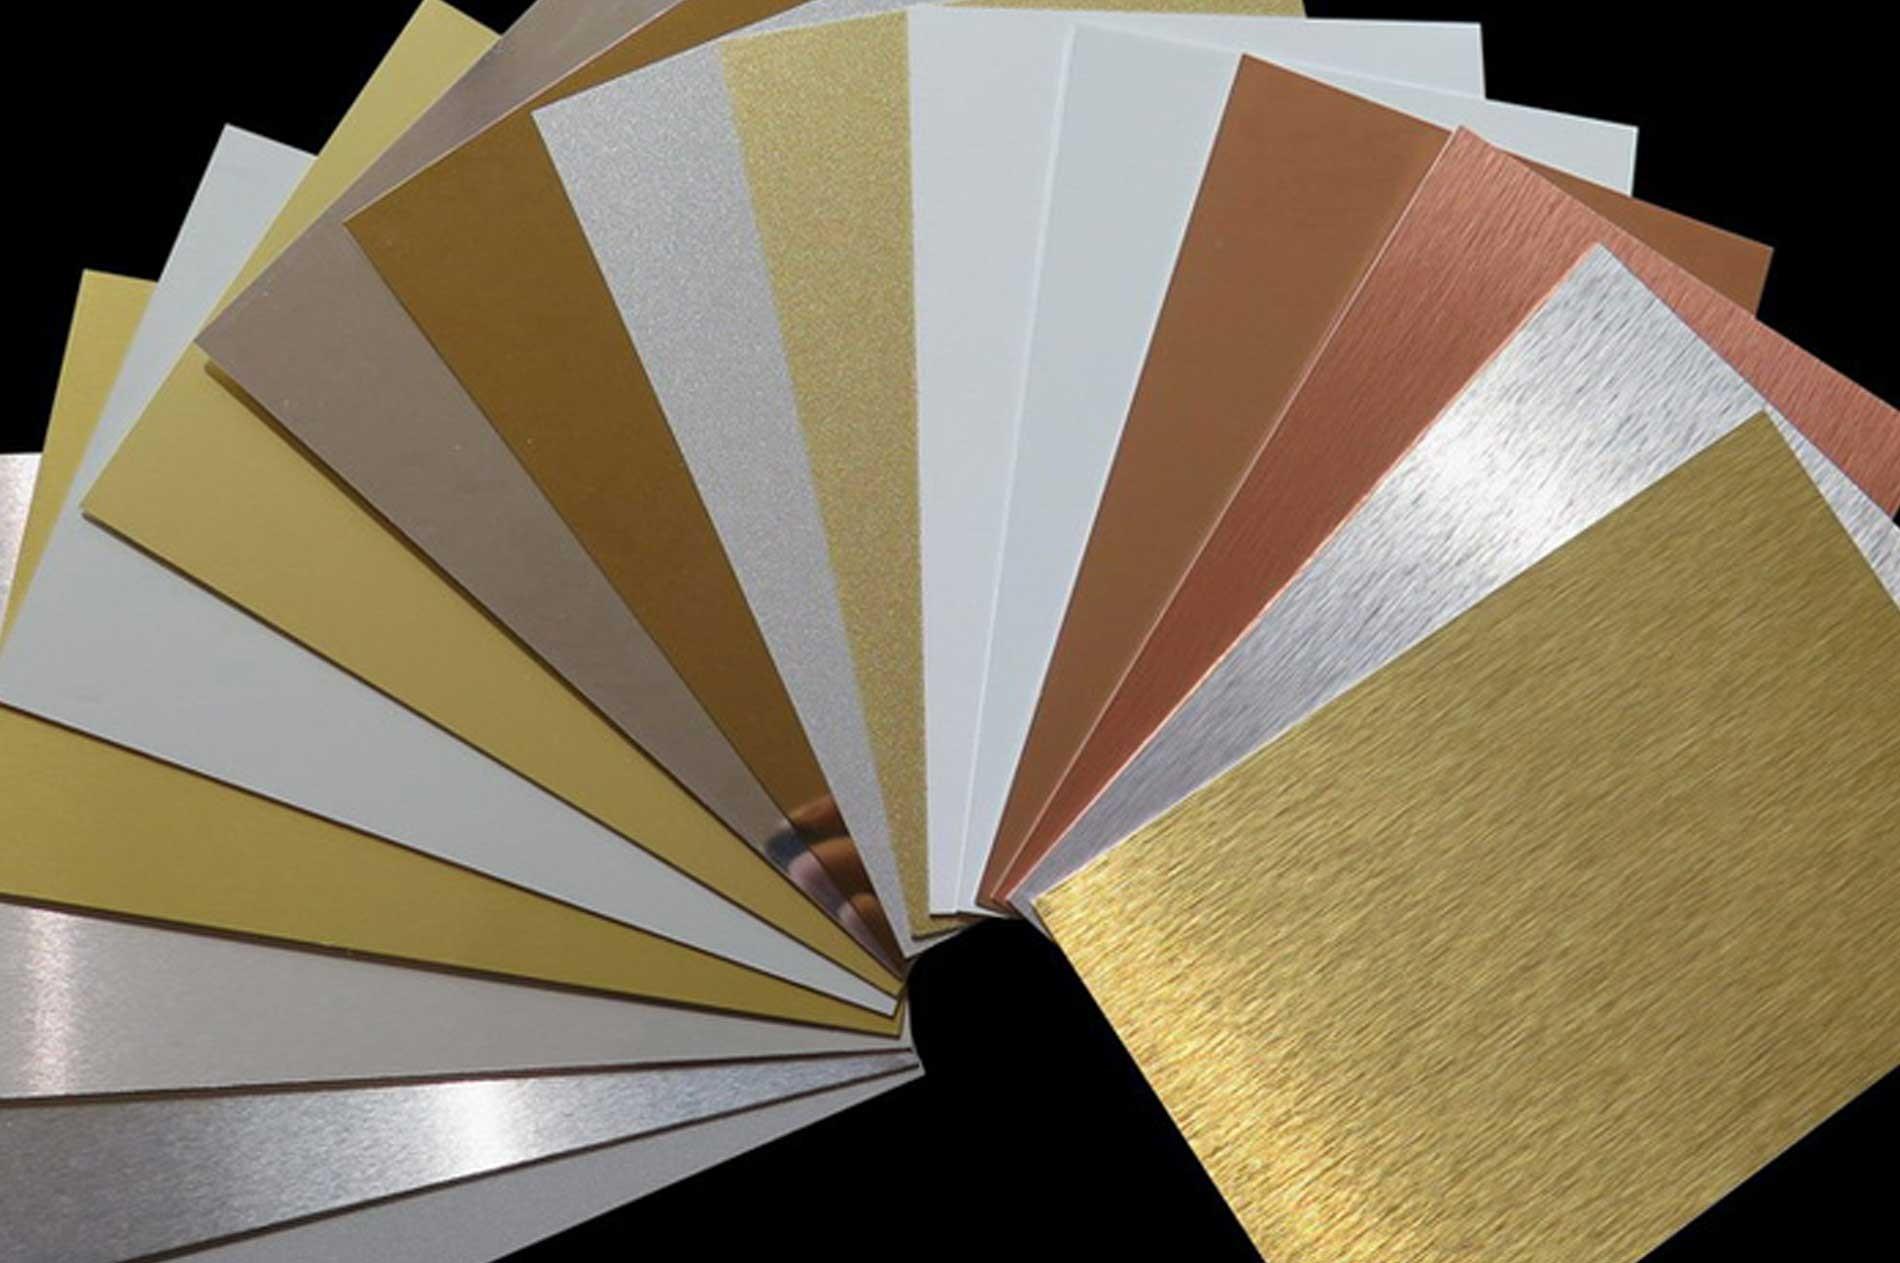 Placas de aluminio para sublimaci n think publicidad - Placa de aluminio ...